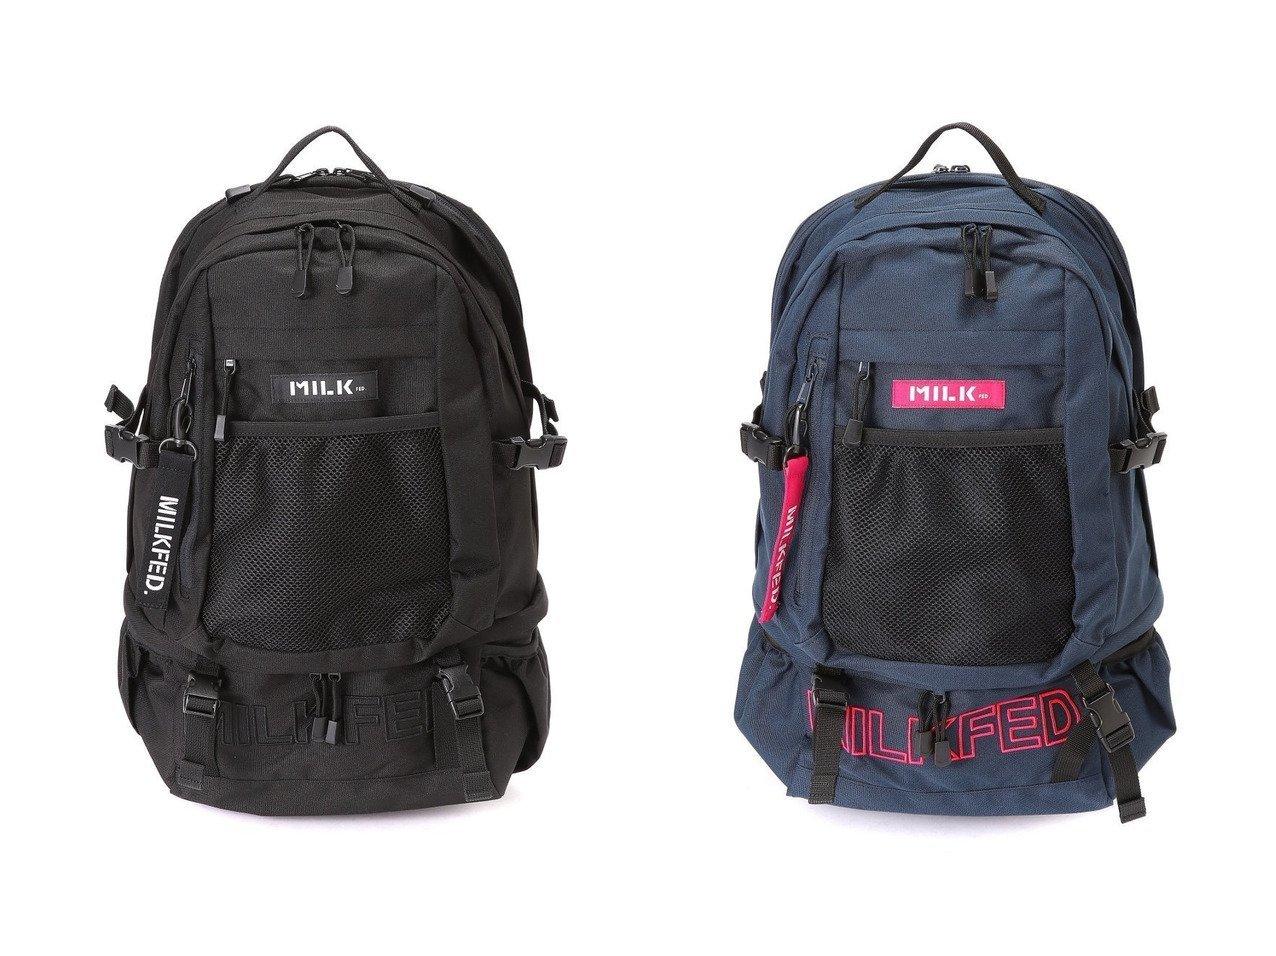 【MILKFED./ミルクフェド】のNEO EMBROID BIG BKPK 【バッグ・鞄】おすすめ!人気、トレンド・レディースファッションの通販    レディースファッション・服の通販 founy(ファニー)